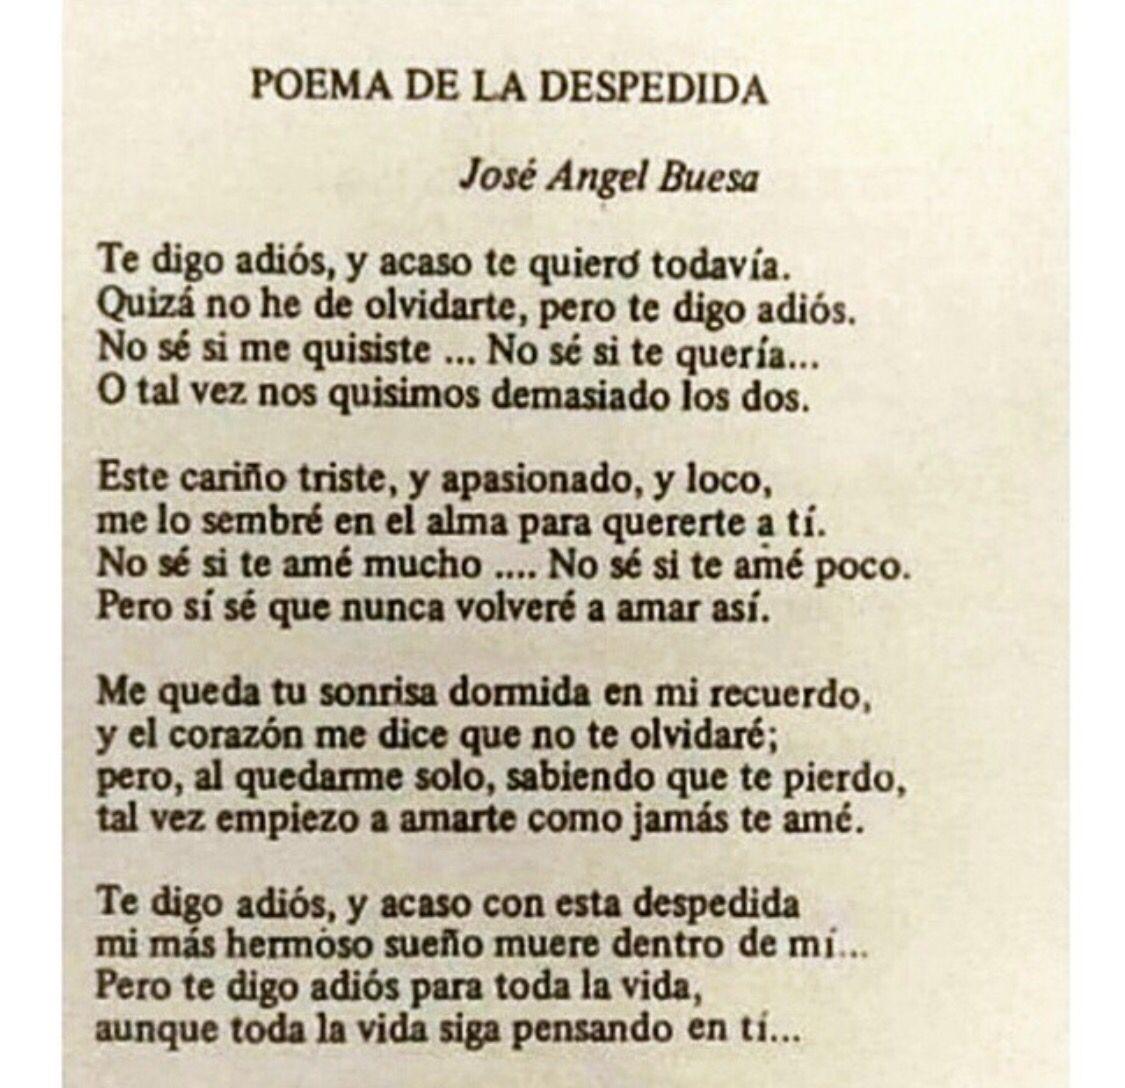 Poemas de funeral en espanol poemas de funeral en for Pinterest en espanol